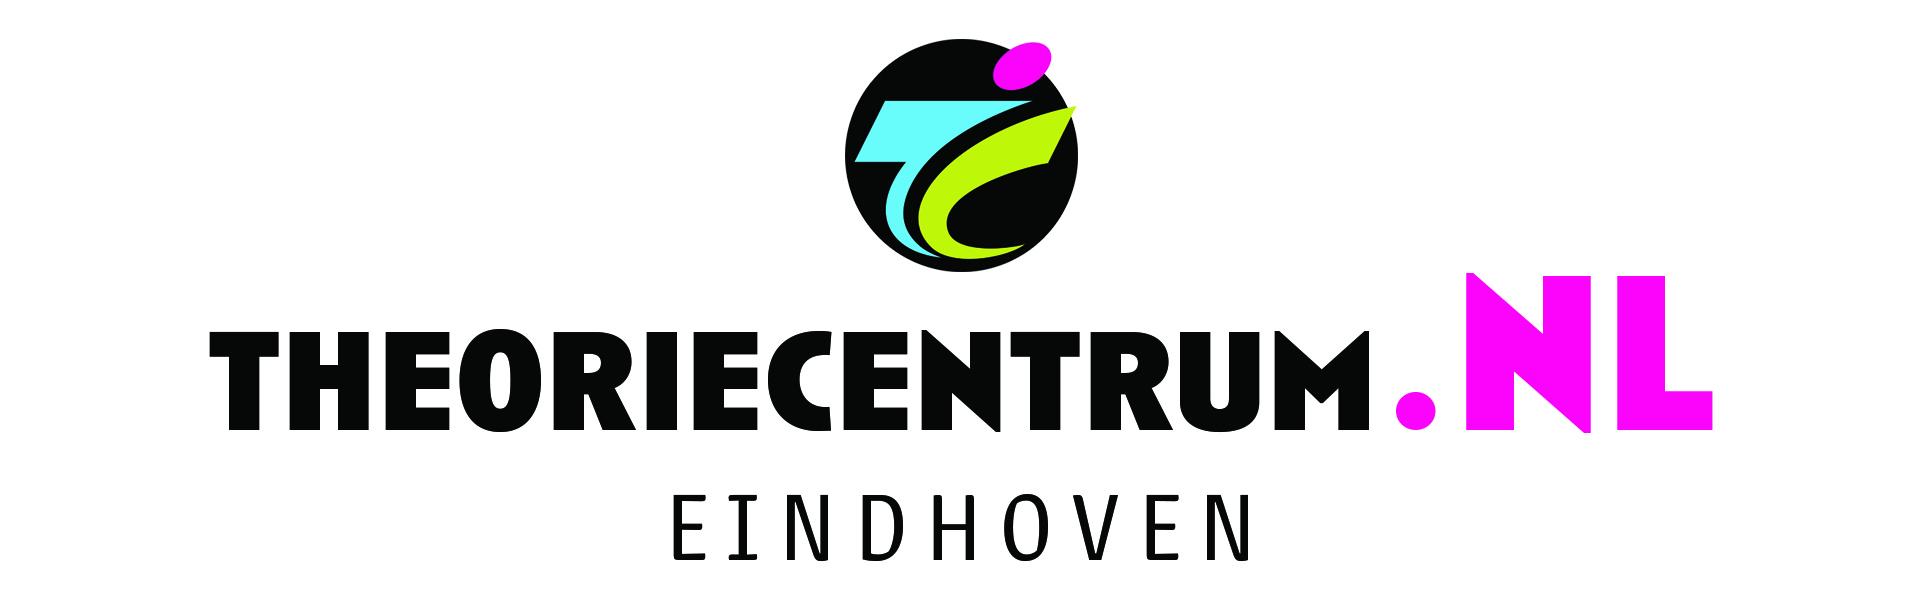 theoriecentrum.nl